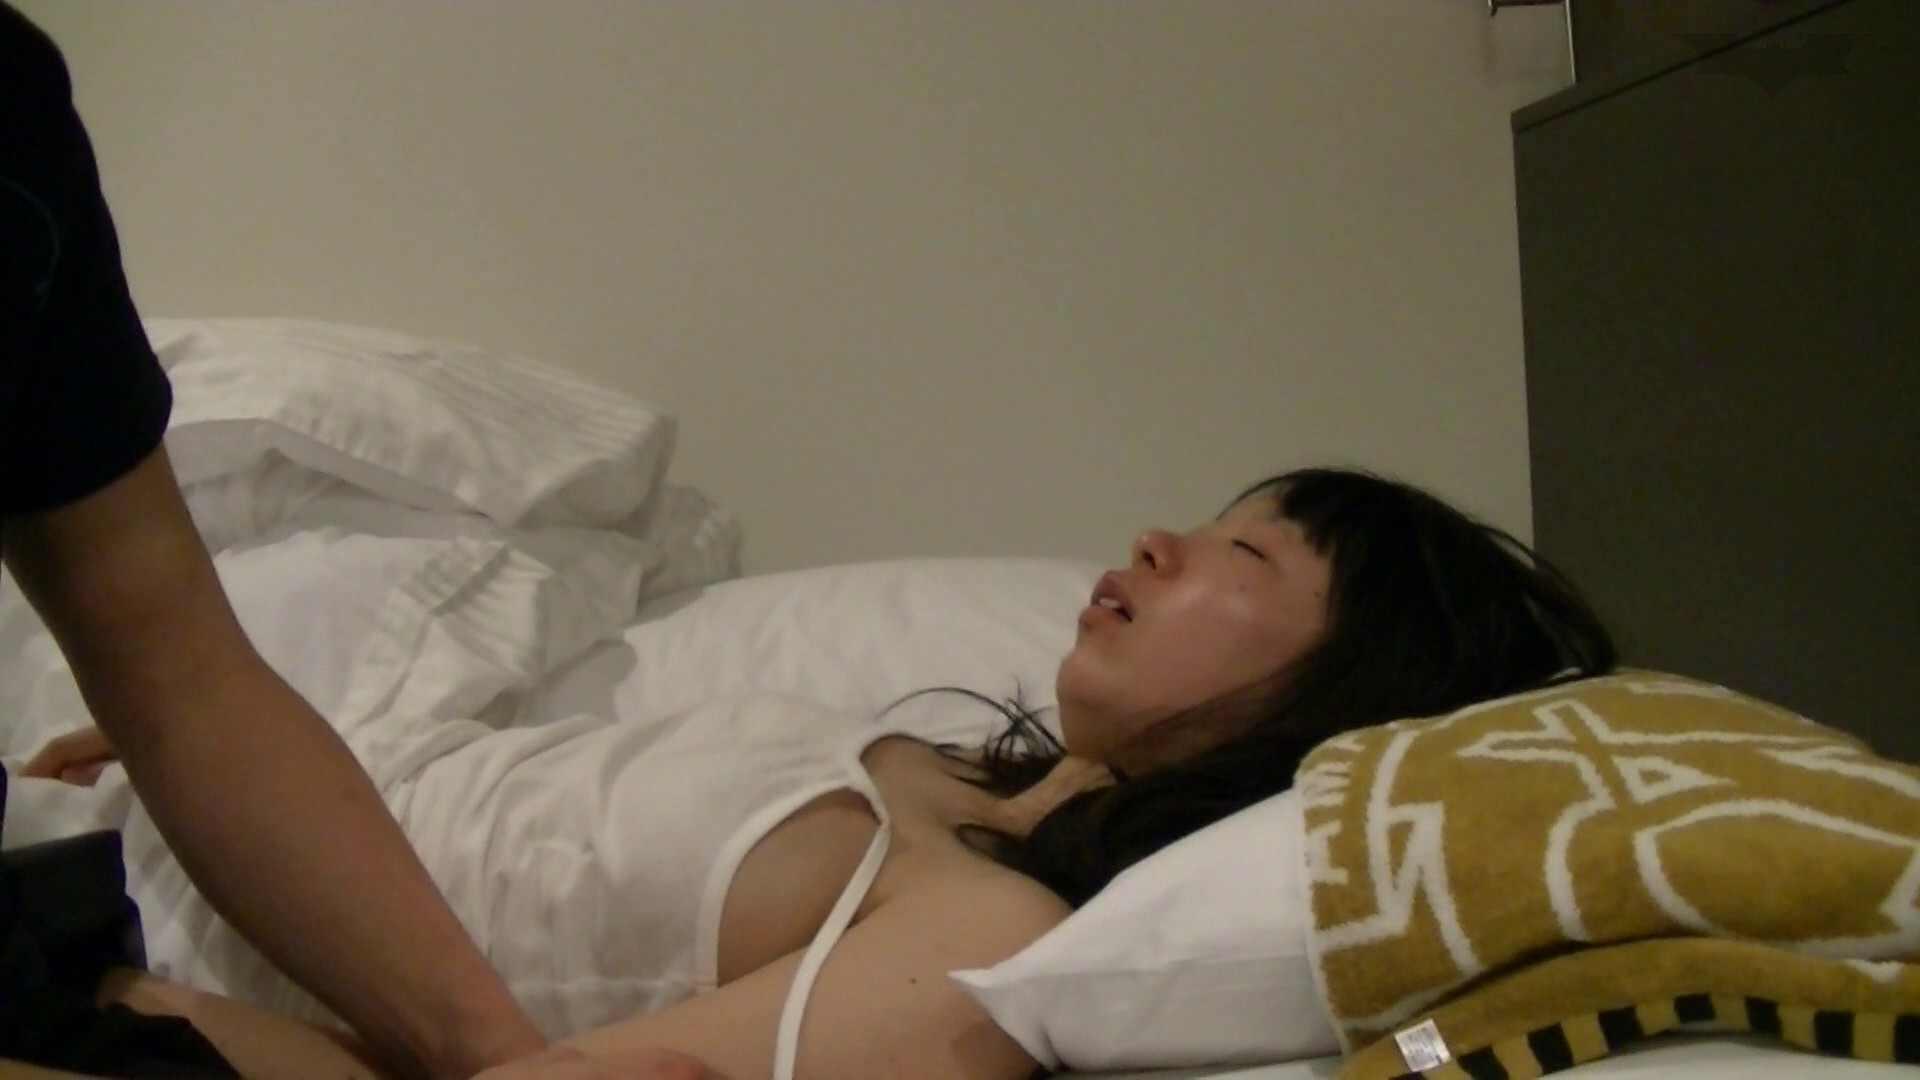 完全ガチです! 影 対 可愛い顔して乳輪デカイakariちゃん 高画質 おまんこ無修正動画無料 99枚 49